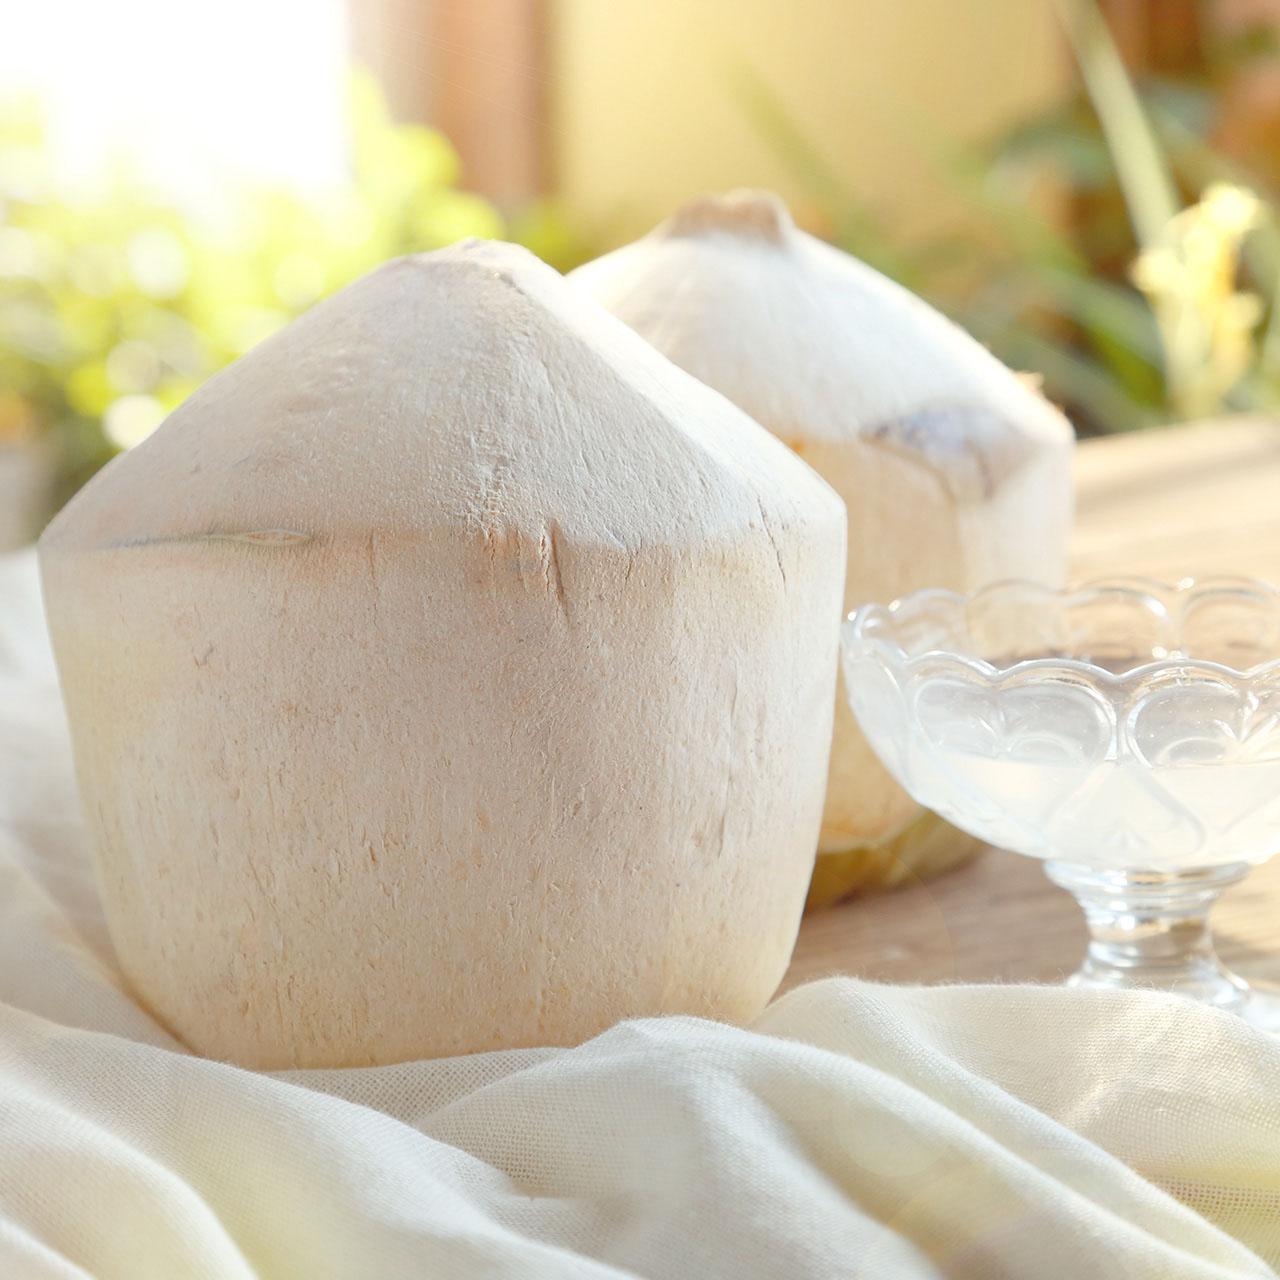 王小二 鲜果进口椰青新鲜好吃批发包邮当季应季时令特产